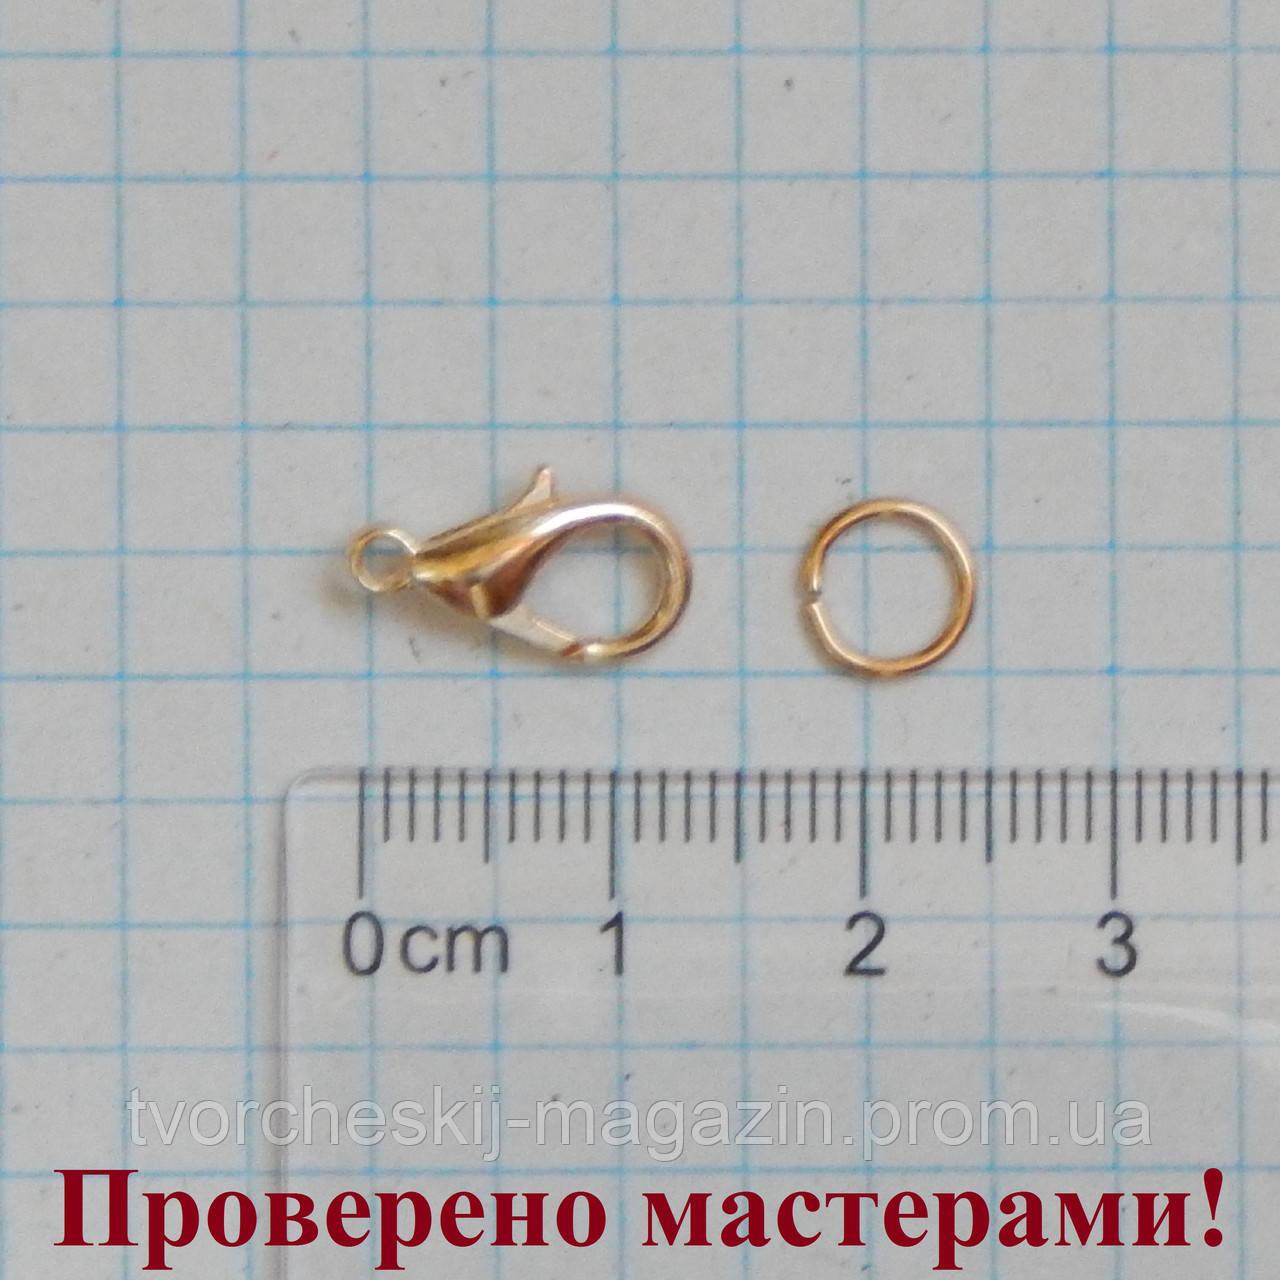 Застежка карабин для цепочки и браслета, золотистый 1,4 см с колечком 7 мм в комплекте